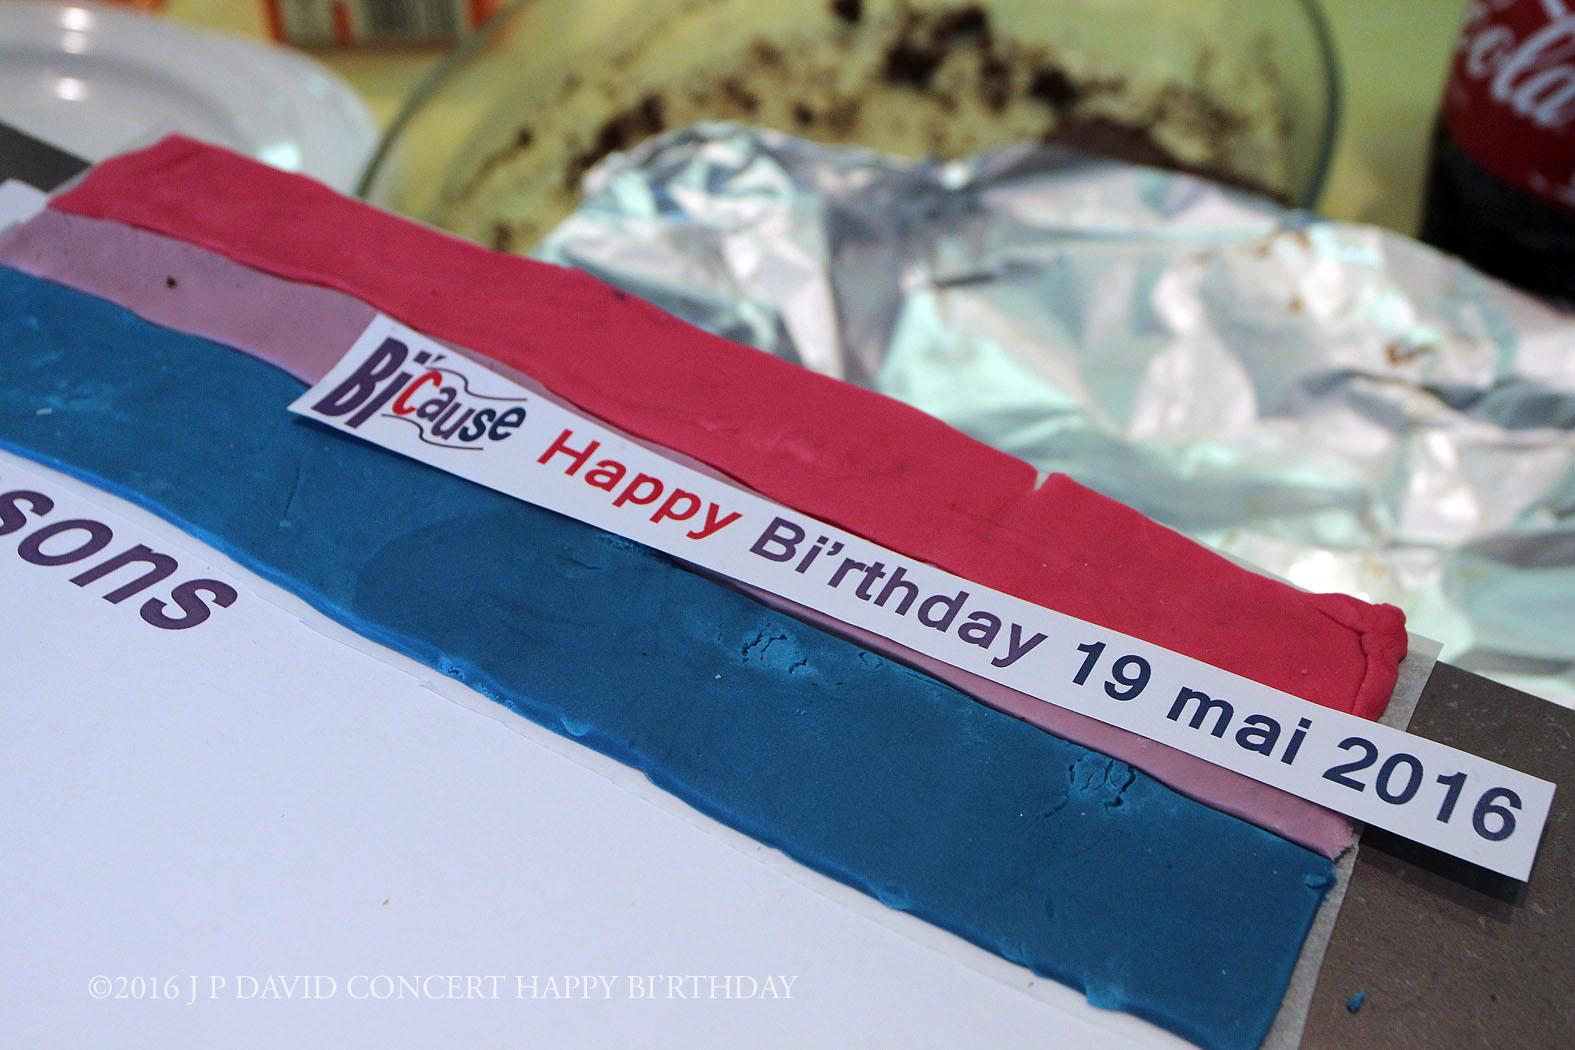 Le Flag de BI'Cause ©2016 J P David Concert Happy BI'rthday- 19_05 centre Mathis Paris 19ème ©2016 J P DAVID CONCERT HAP